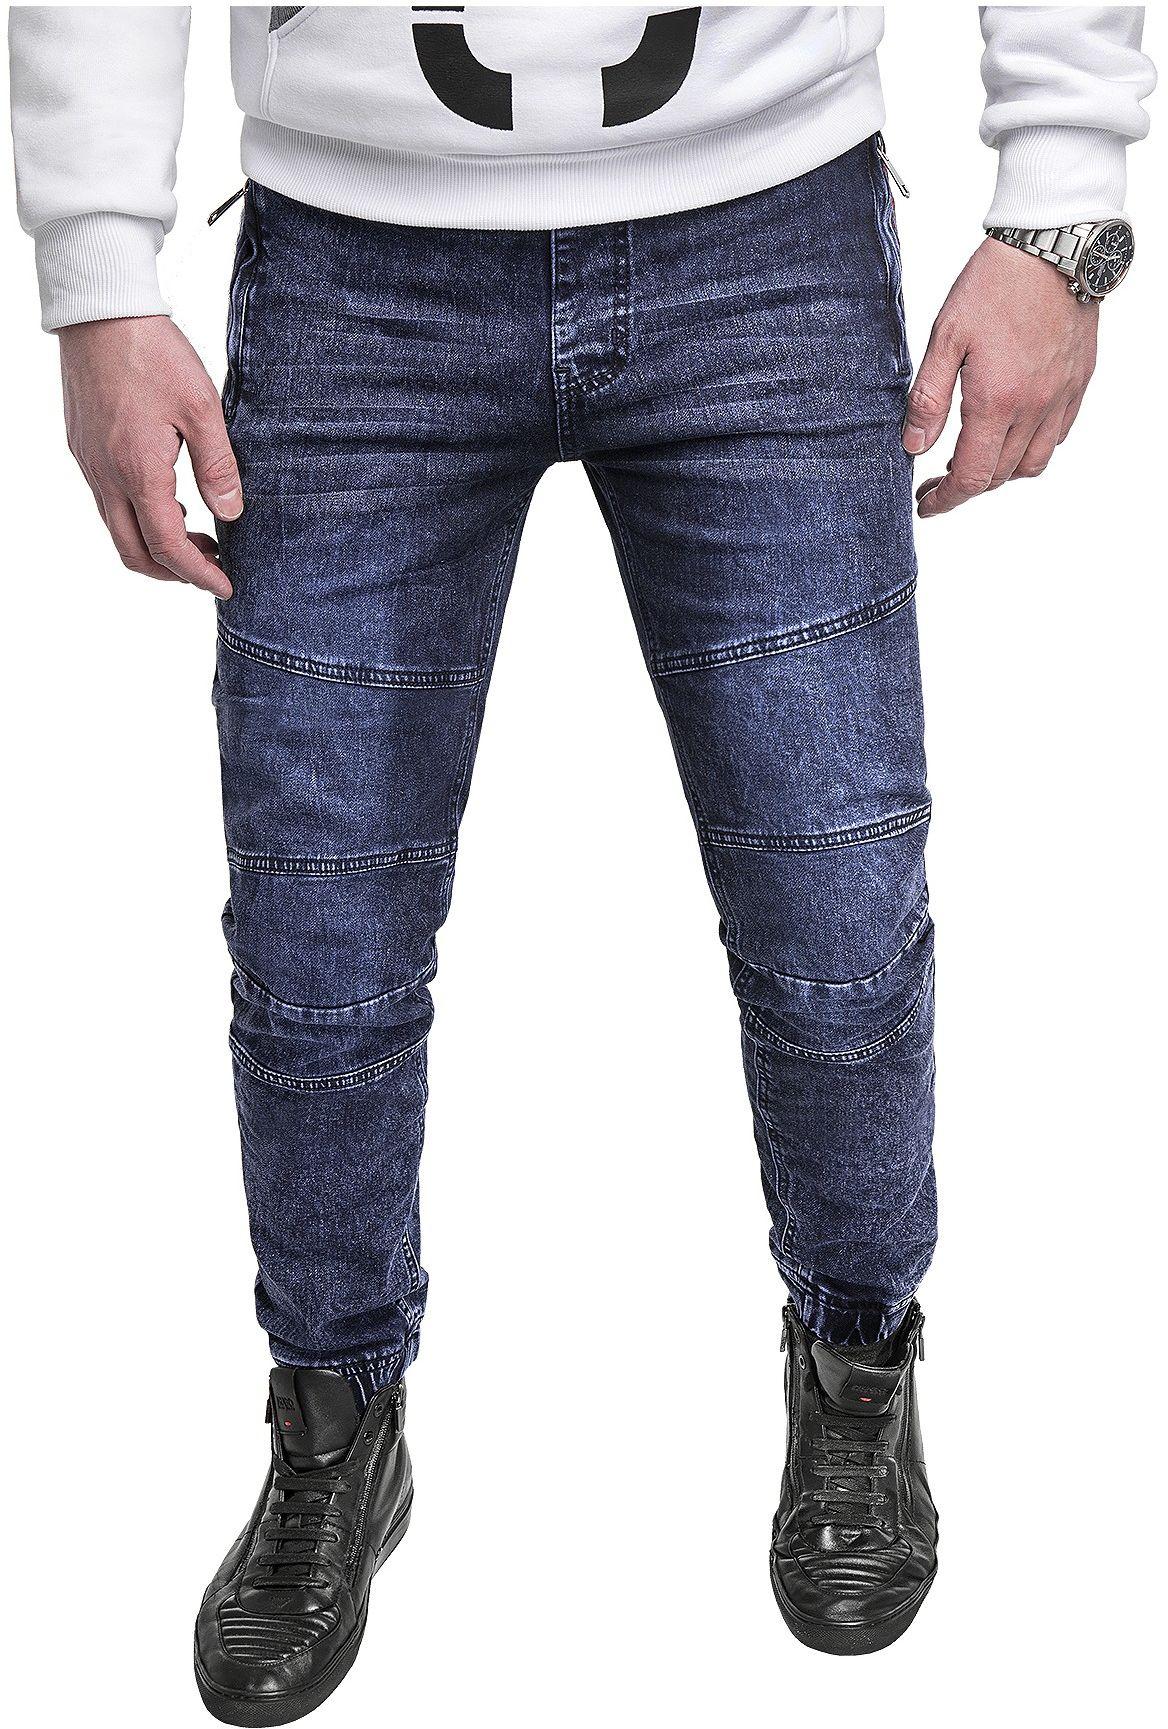 Spodnie jeansowe męskie joggery HY-559- niebieskie